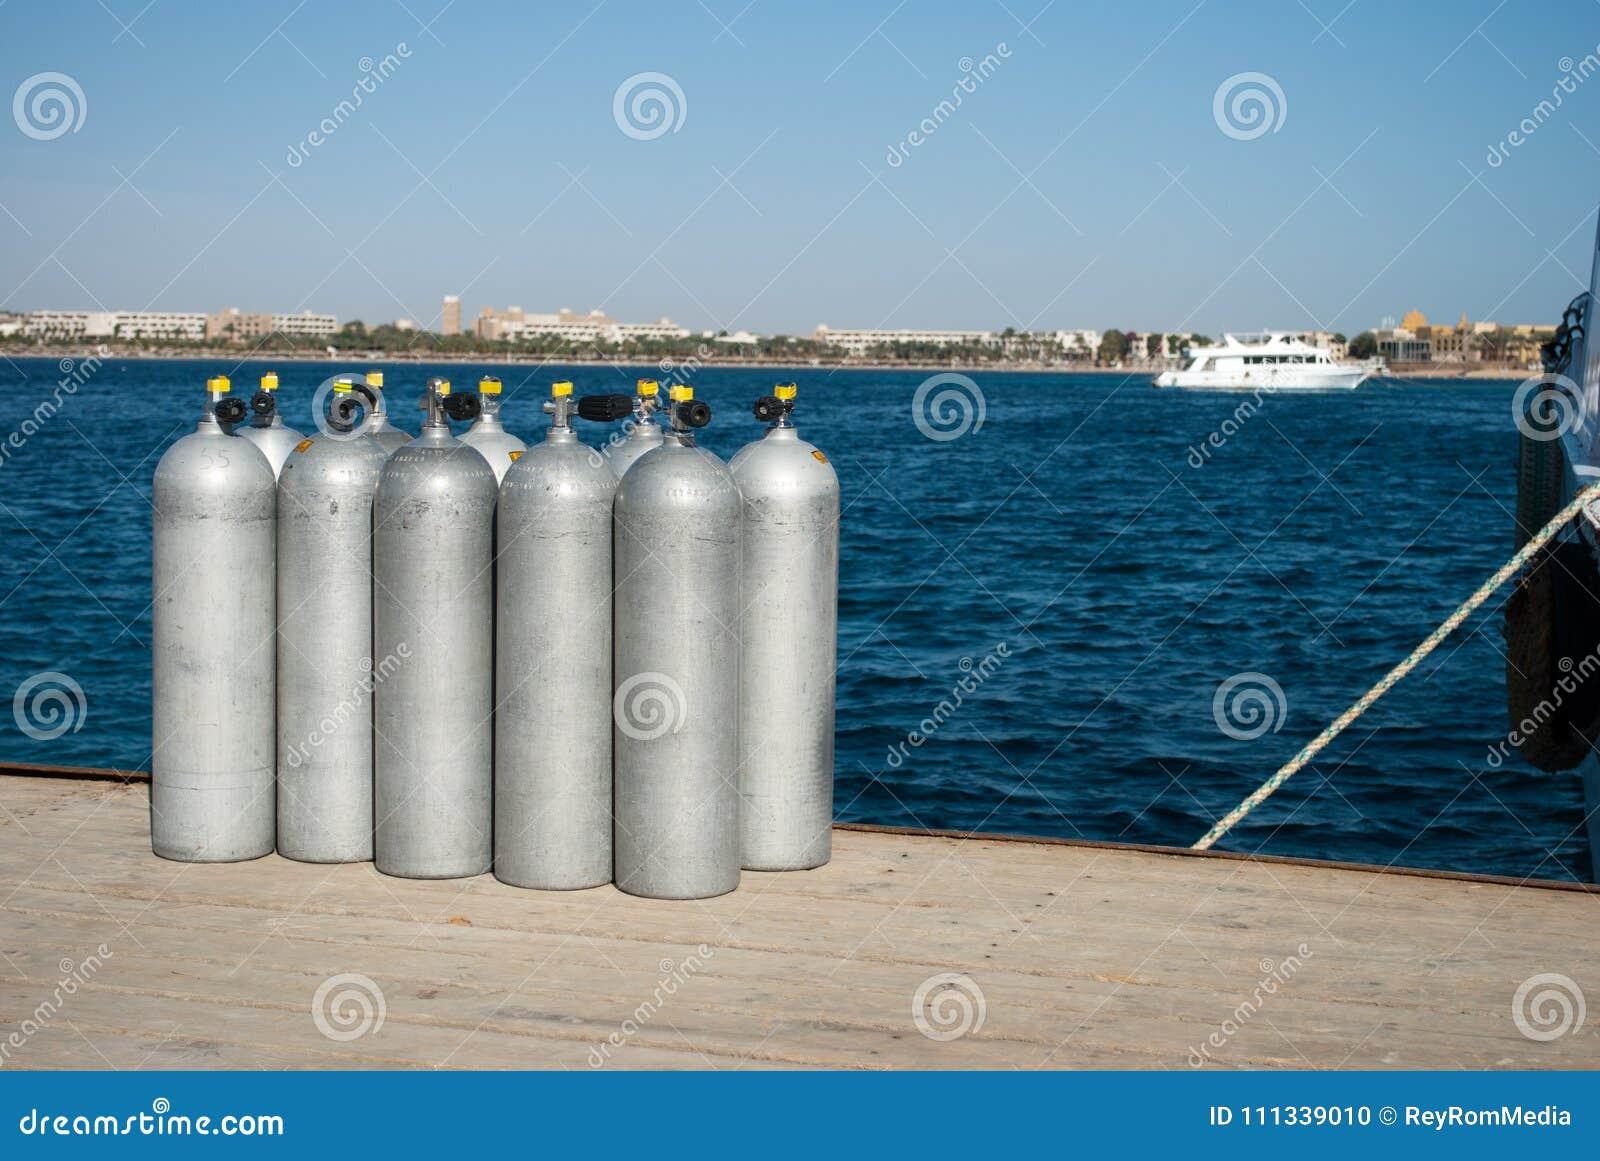 Zylinder mit Sauerstoff für Taucher zehn Zylinder auf Seedock Sauerstoff für Taucher auf Pier Dunkelblaue Wasser- und Stahlzylind